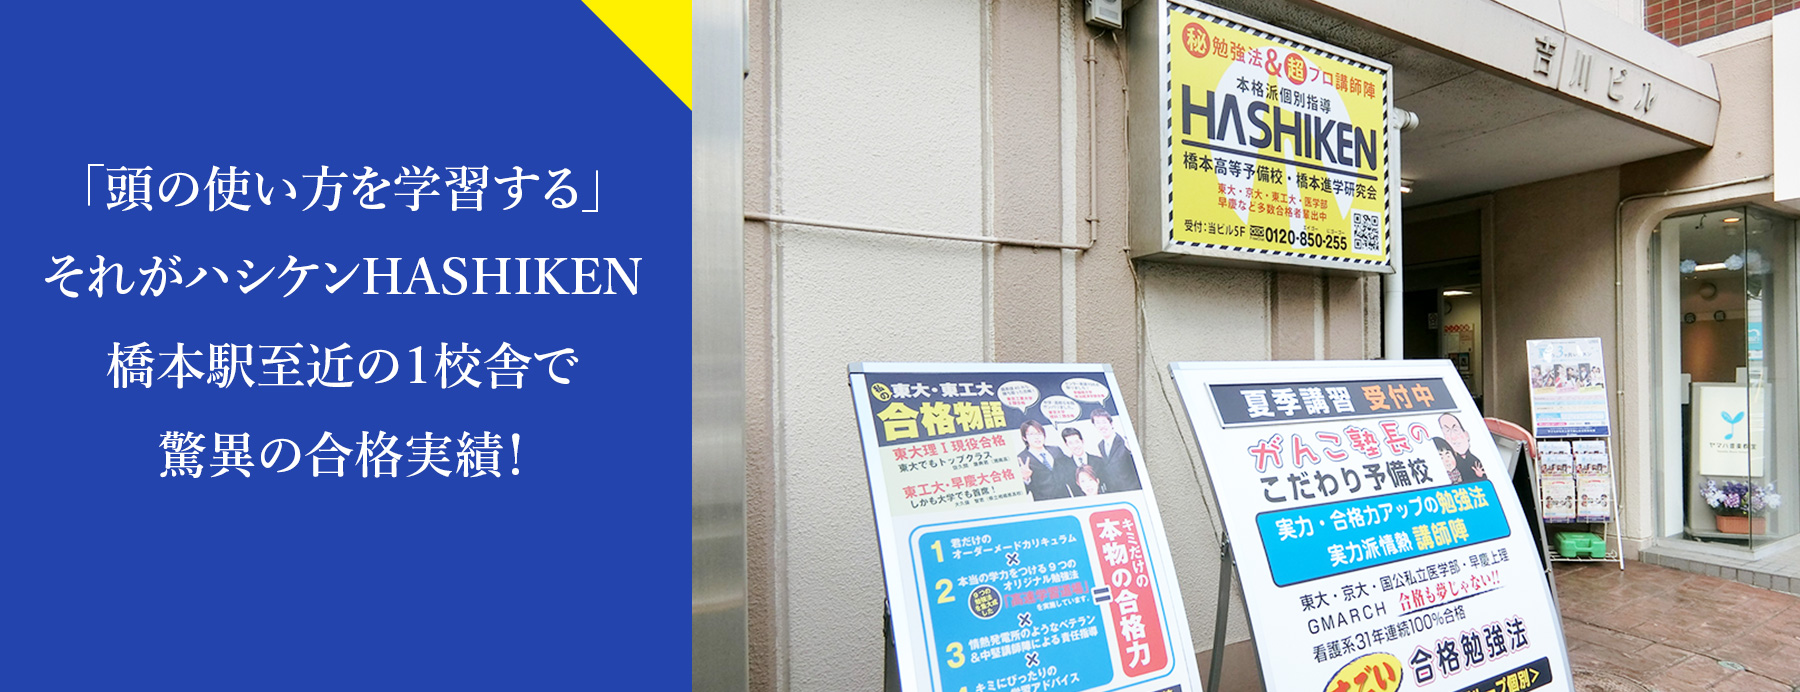 東大、早稲田、医学部など難関大合格は橋本の進学塾・予備校ハシケンHASHIKENとは何か